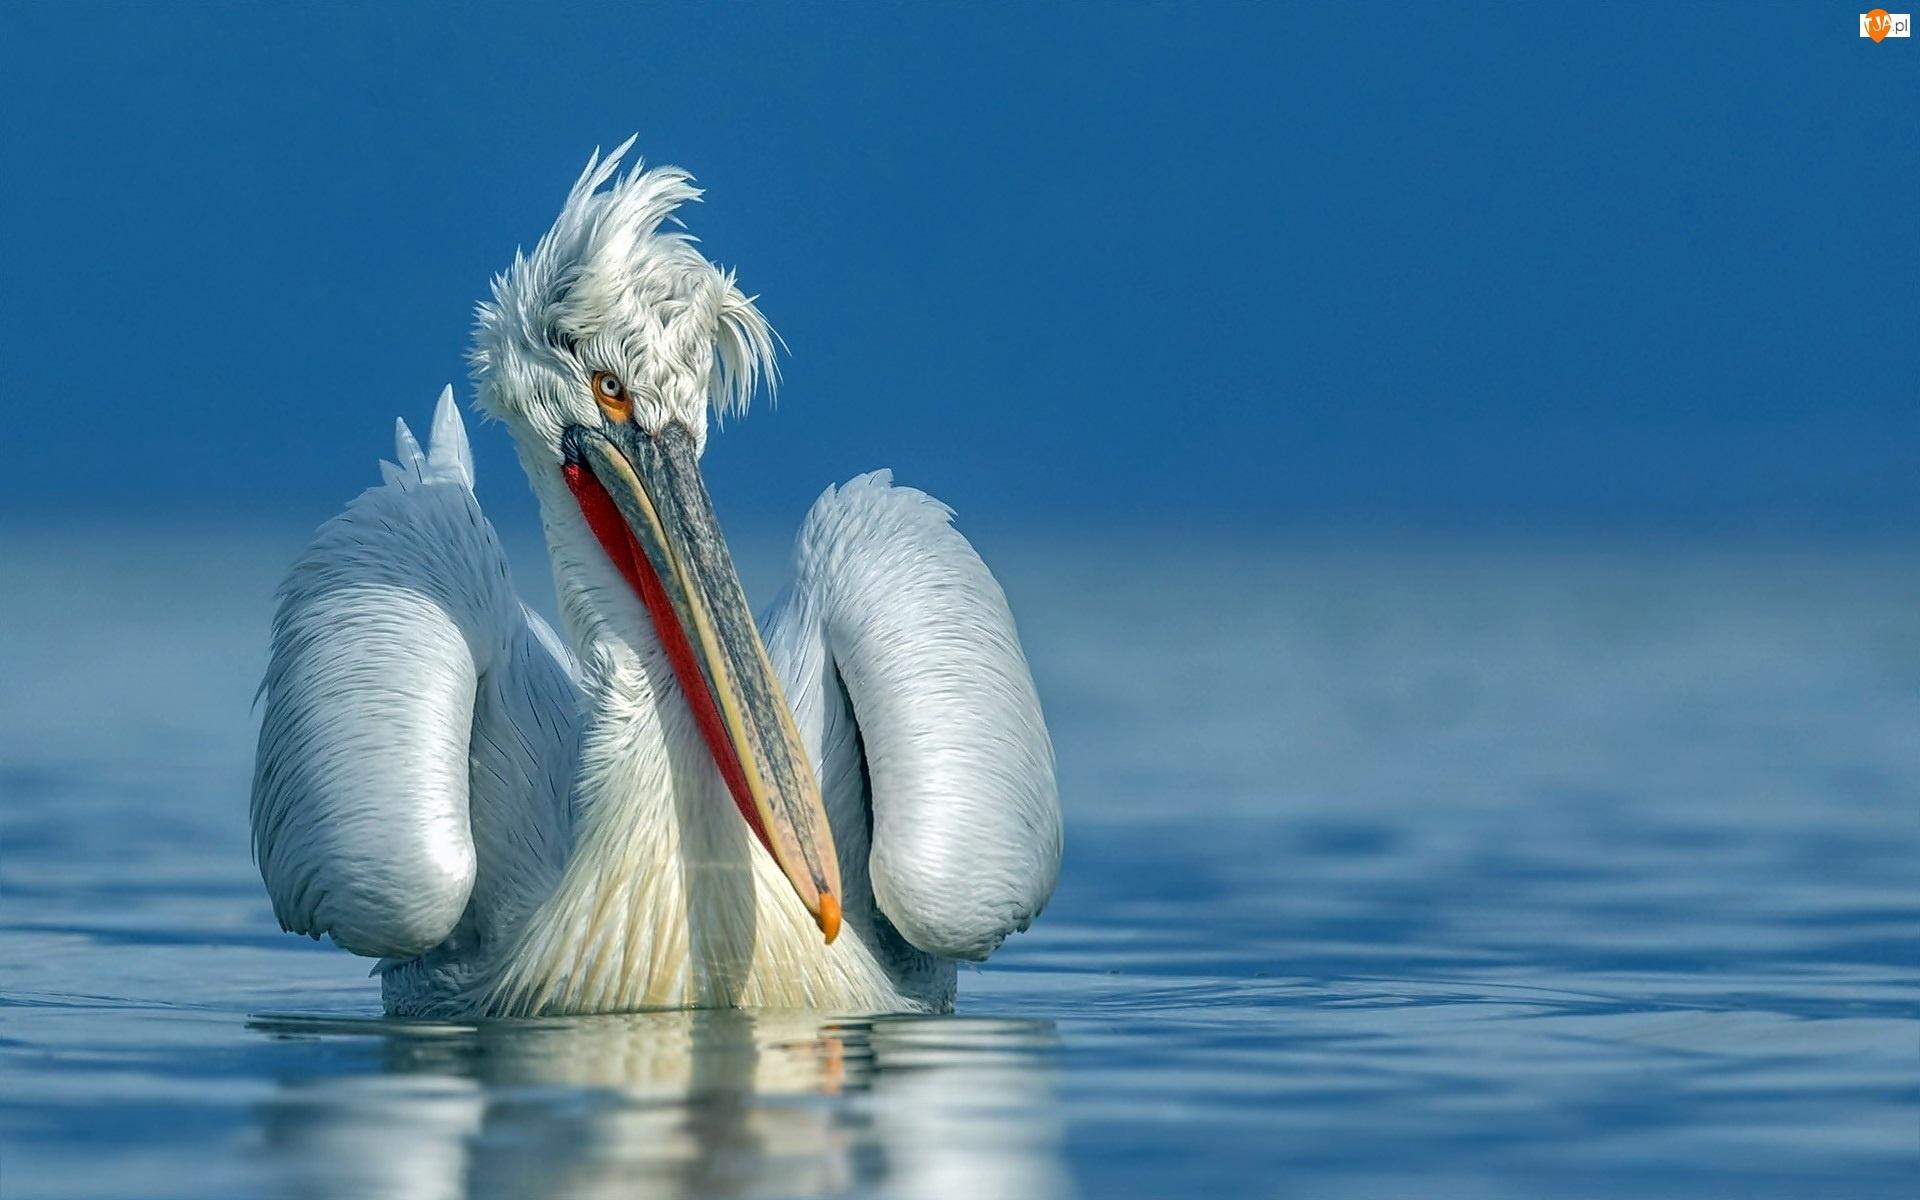 Woda, Rozczochrany, Pelikan